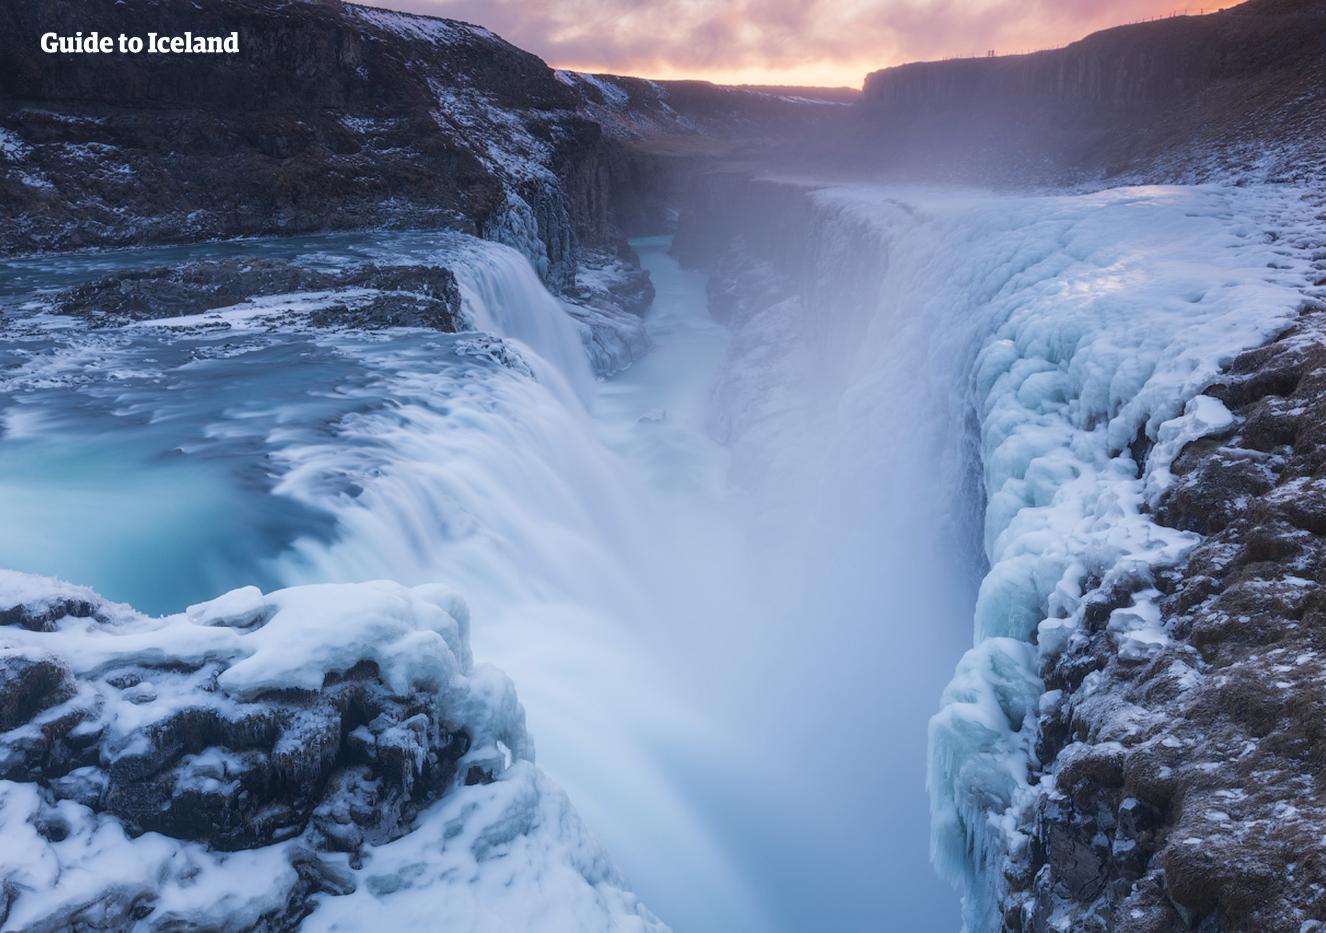 아이슬란드의 굴포스 폭포에서는 시원한 물보라가 상쾌하게 얼굴을 닿습니다.